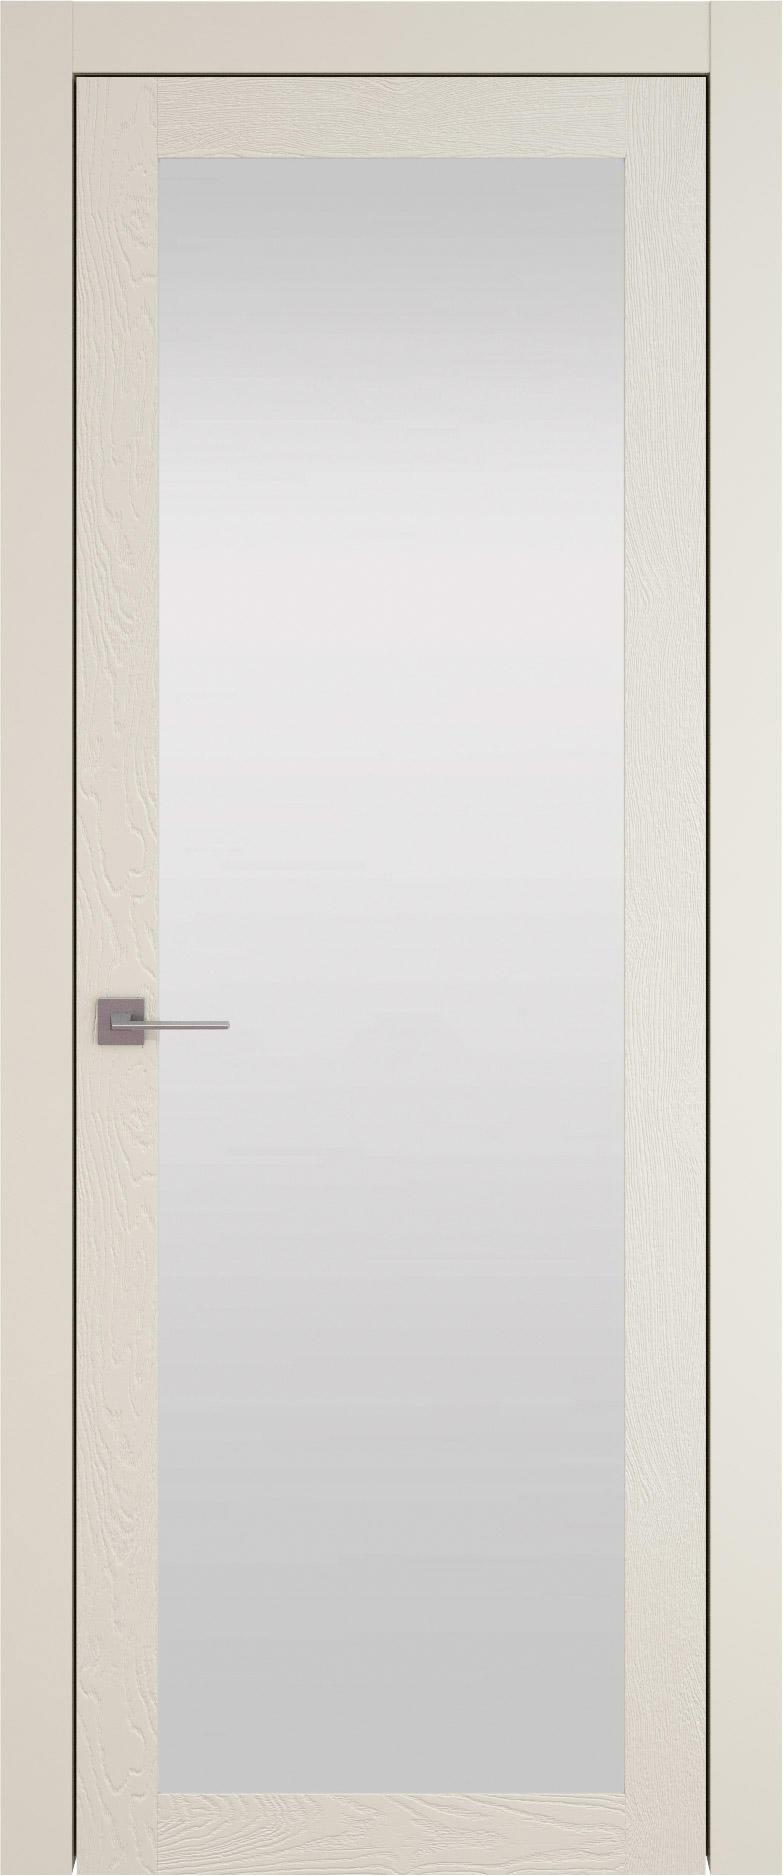 Tivoli З-1 цвет - Жемчужная эмаль по шпону (RAL 1013) Со стеклом (ДО)